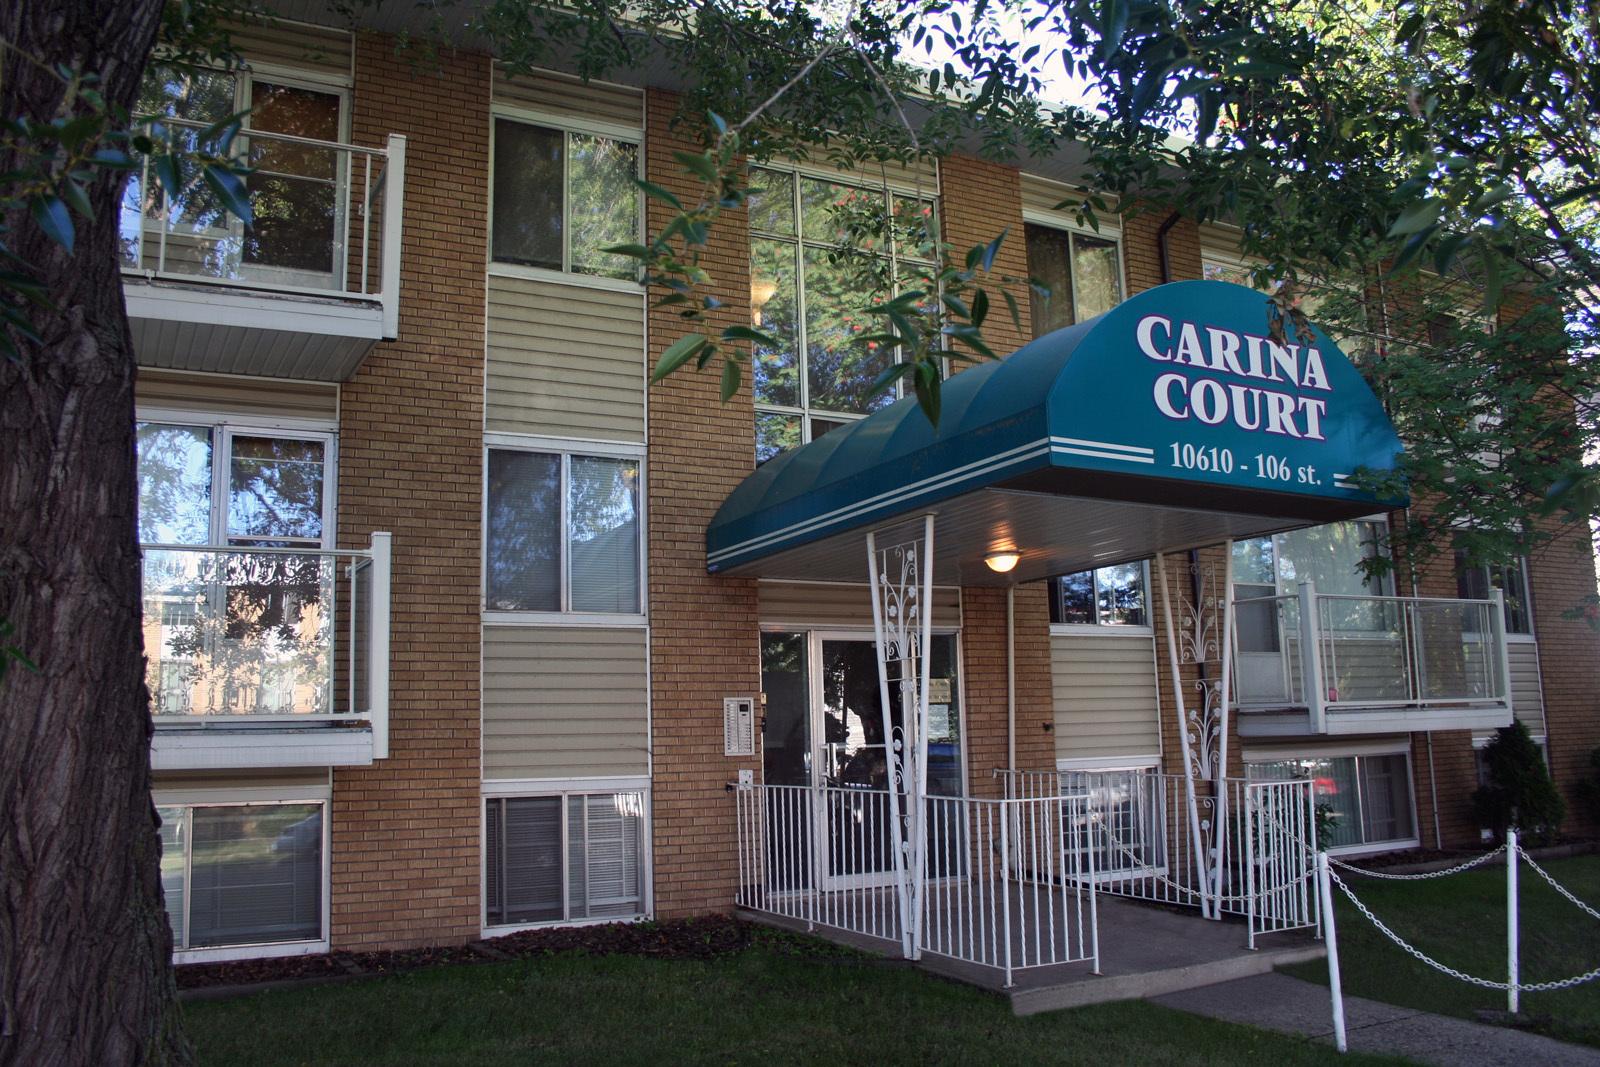 10610 106 Street NW, Edmonton, AB - $750